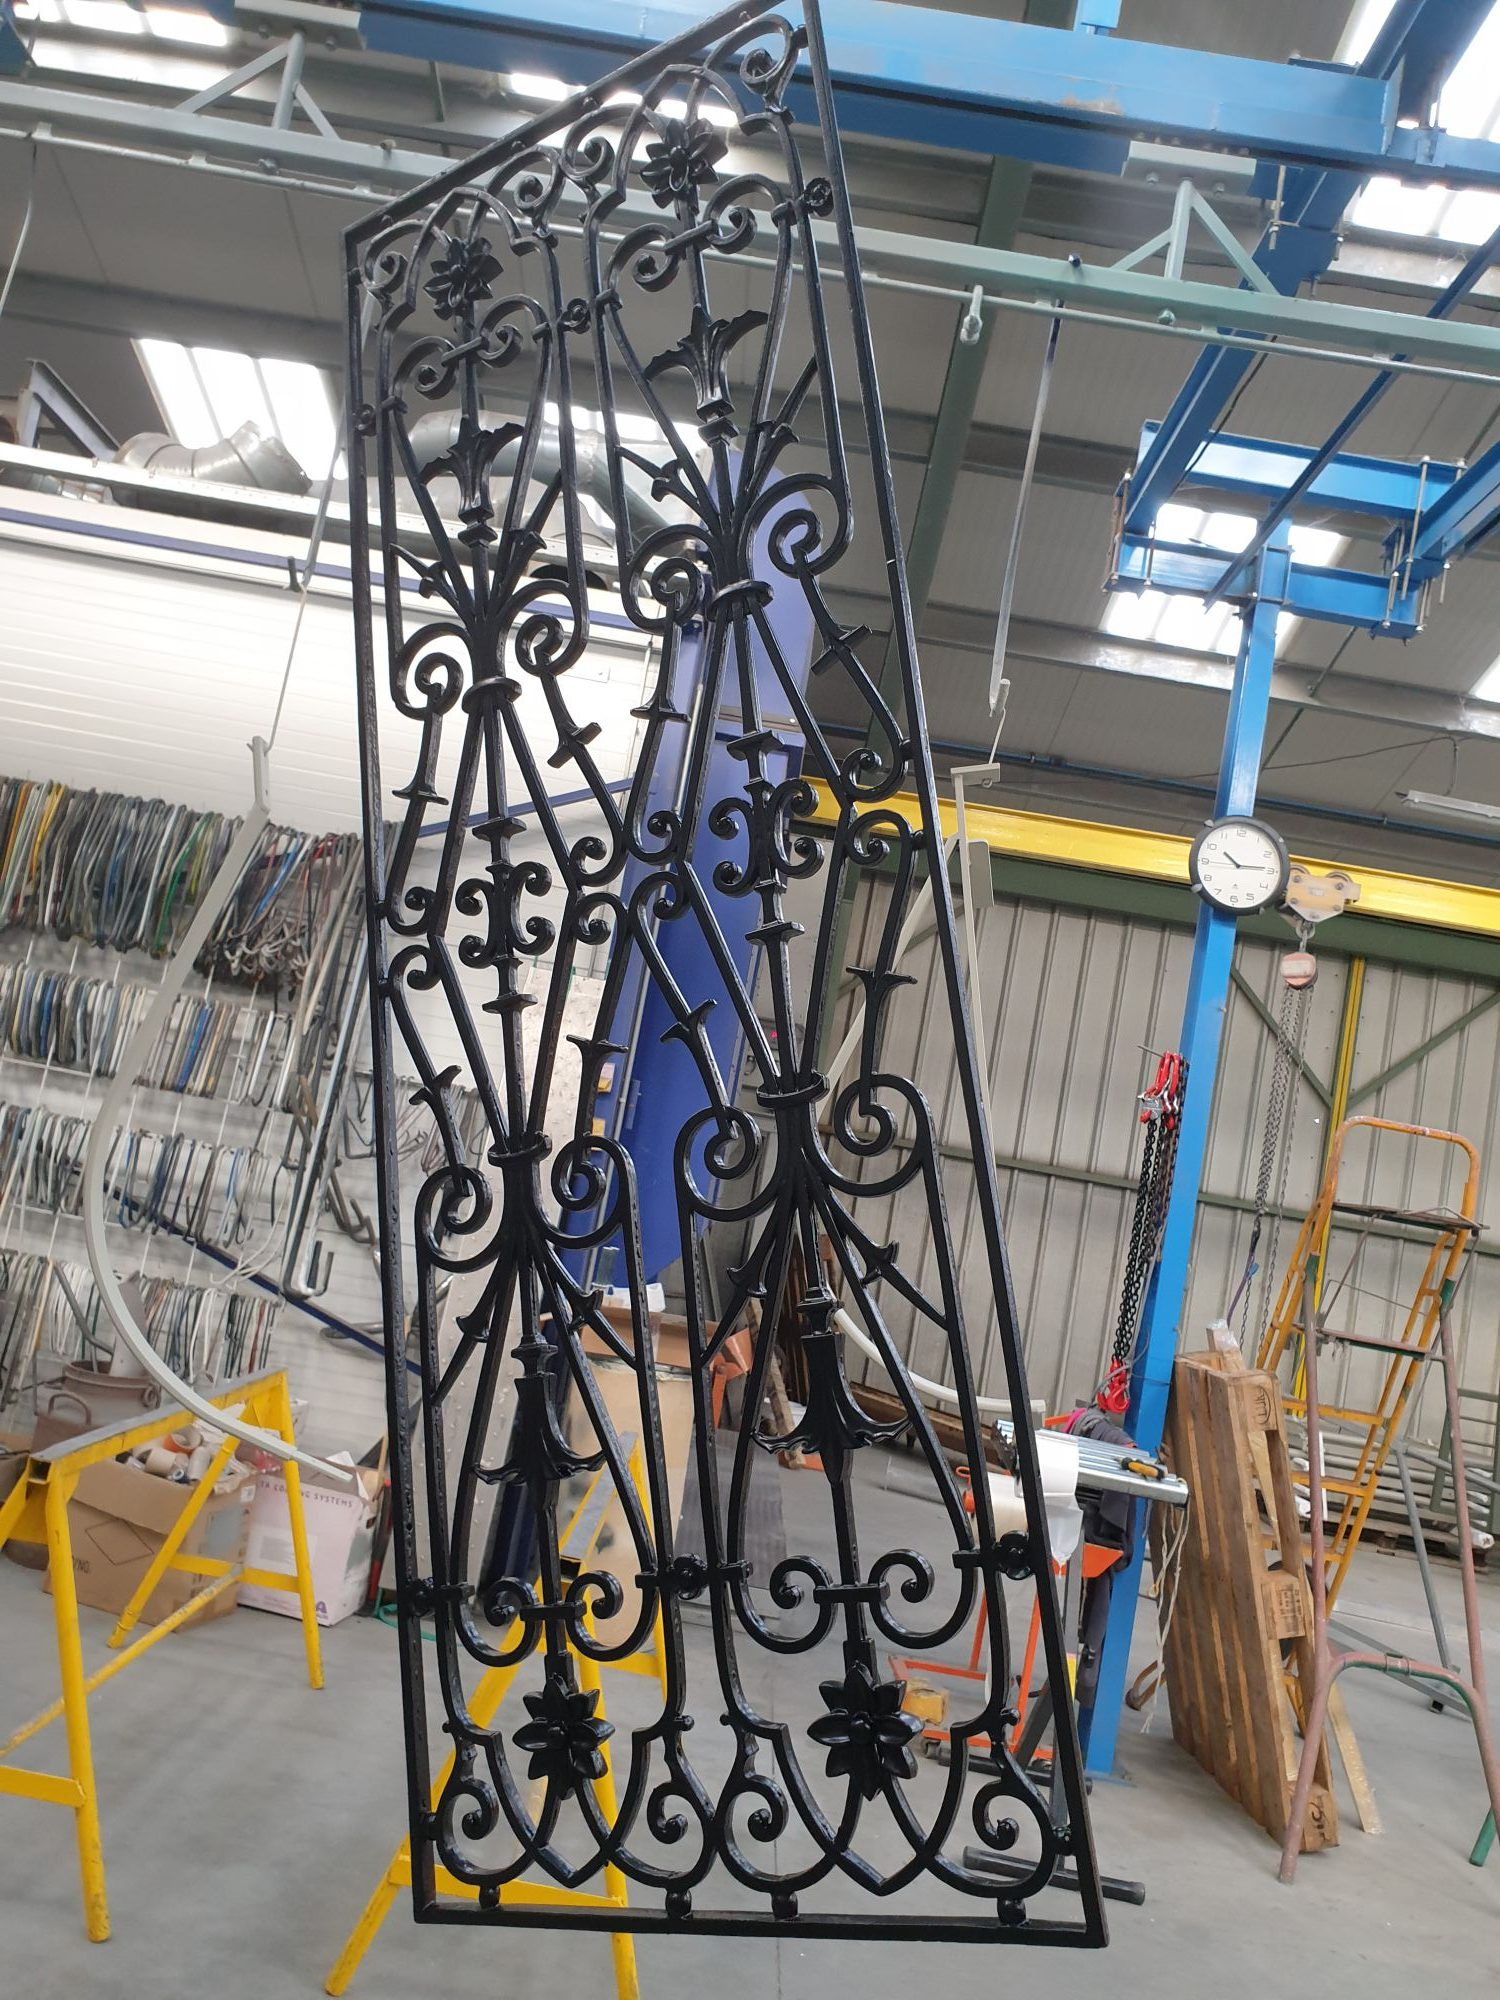 Rénovation et traitement objets métal 79, 85, 17